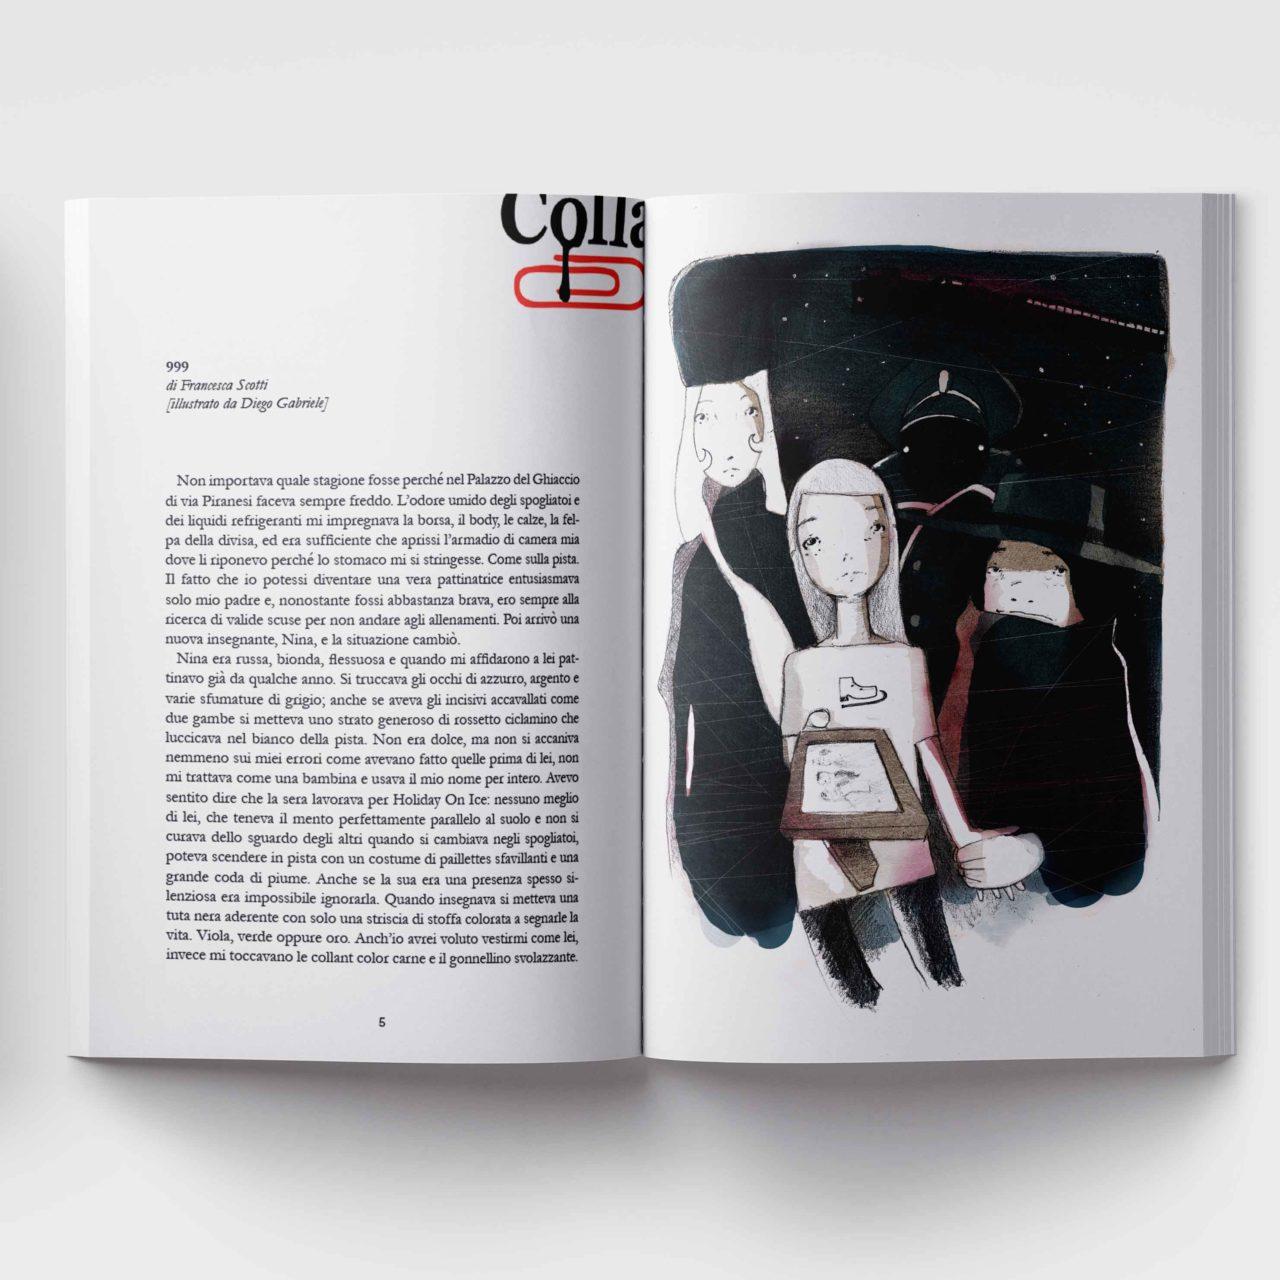 Illustrazione tributo a Galaxy 999 per Colla Magazine di Diego Gabriele